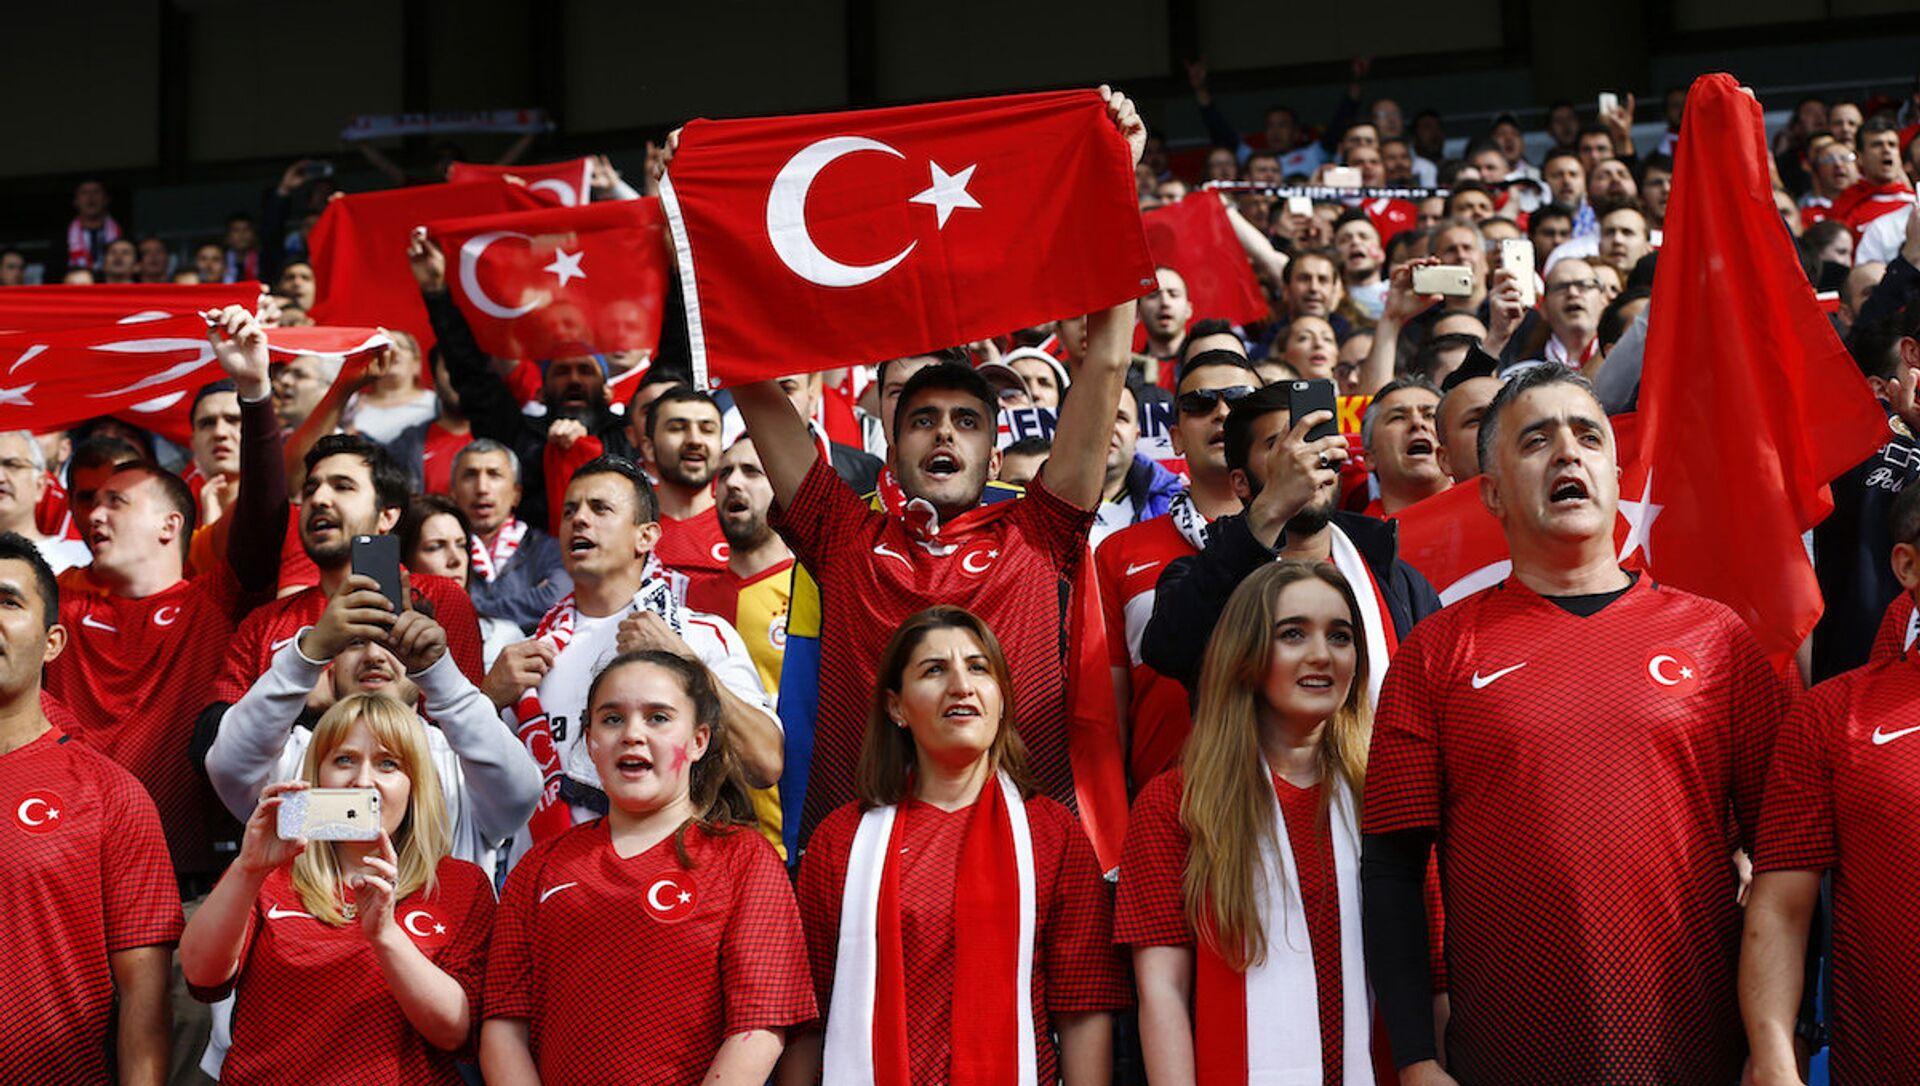 Türkiye A Milli Futbol Takımı'nı destekleyen taraftarlar. - Sputnik Türkiye, 1920, 09.06.2021